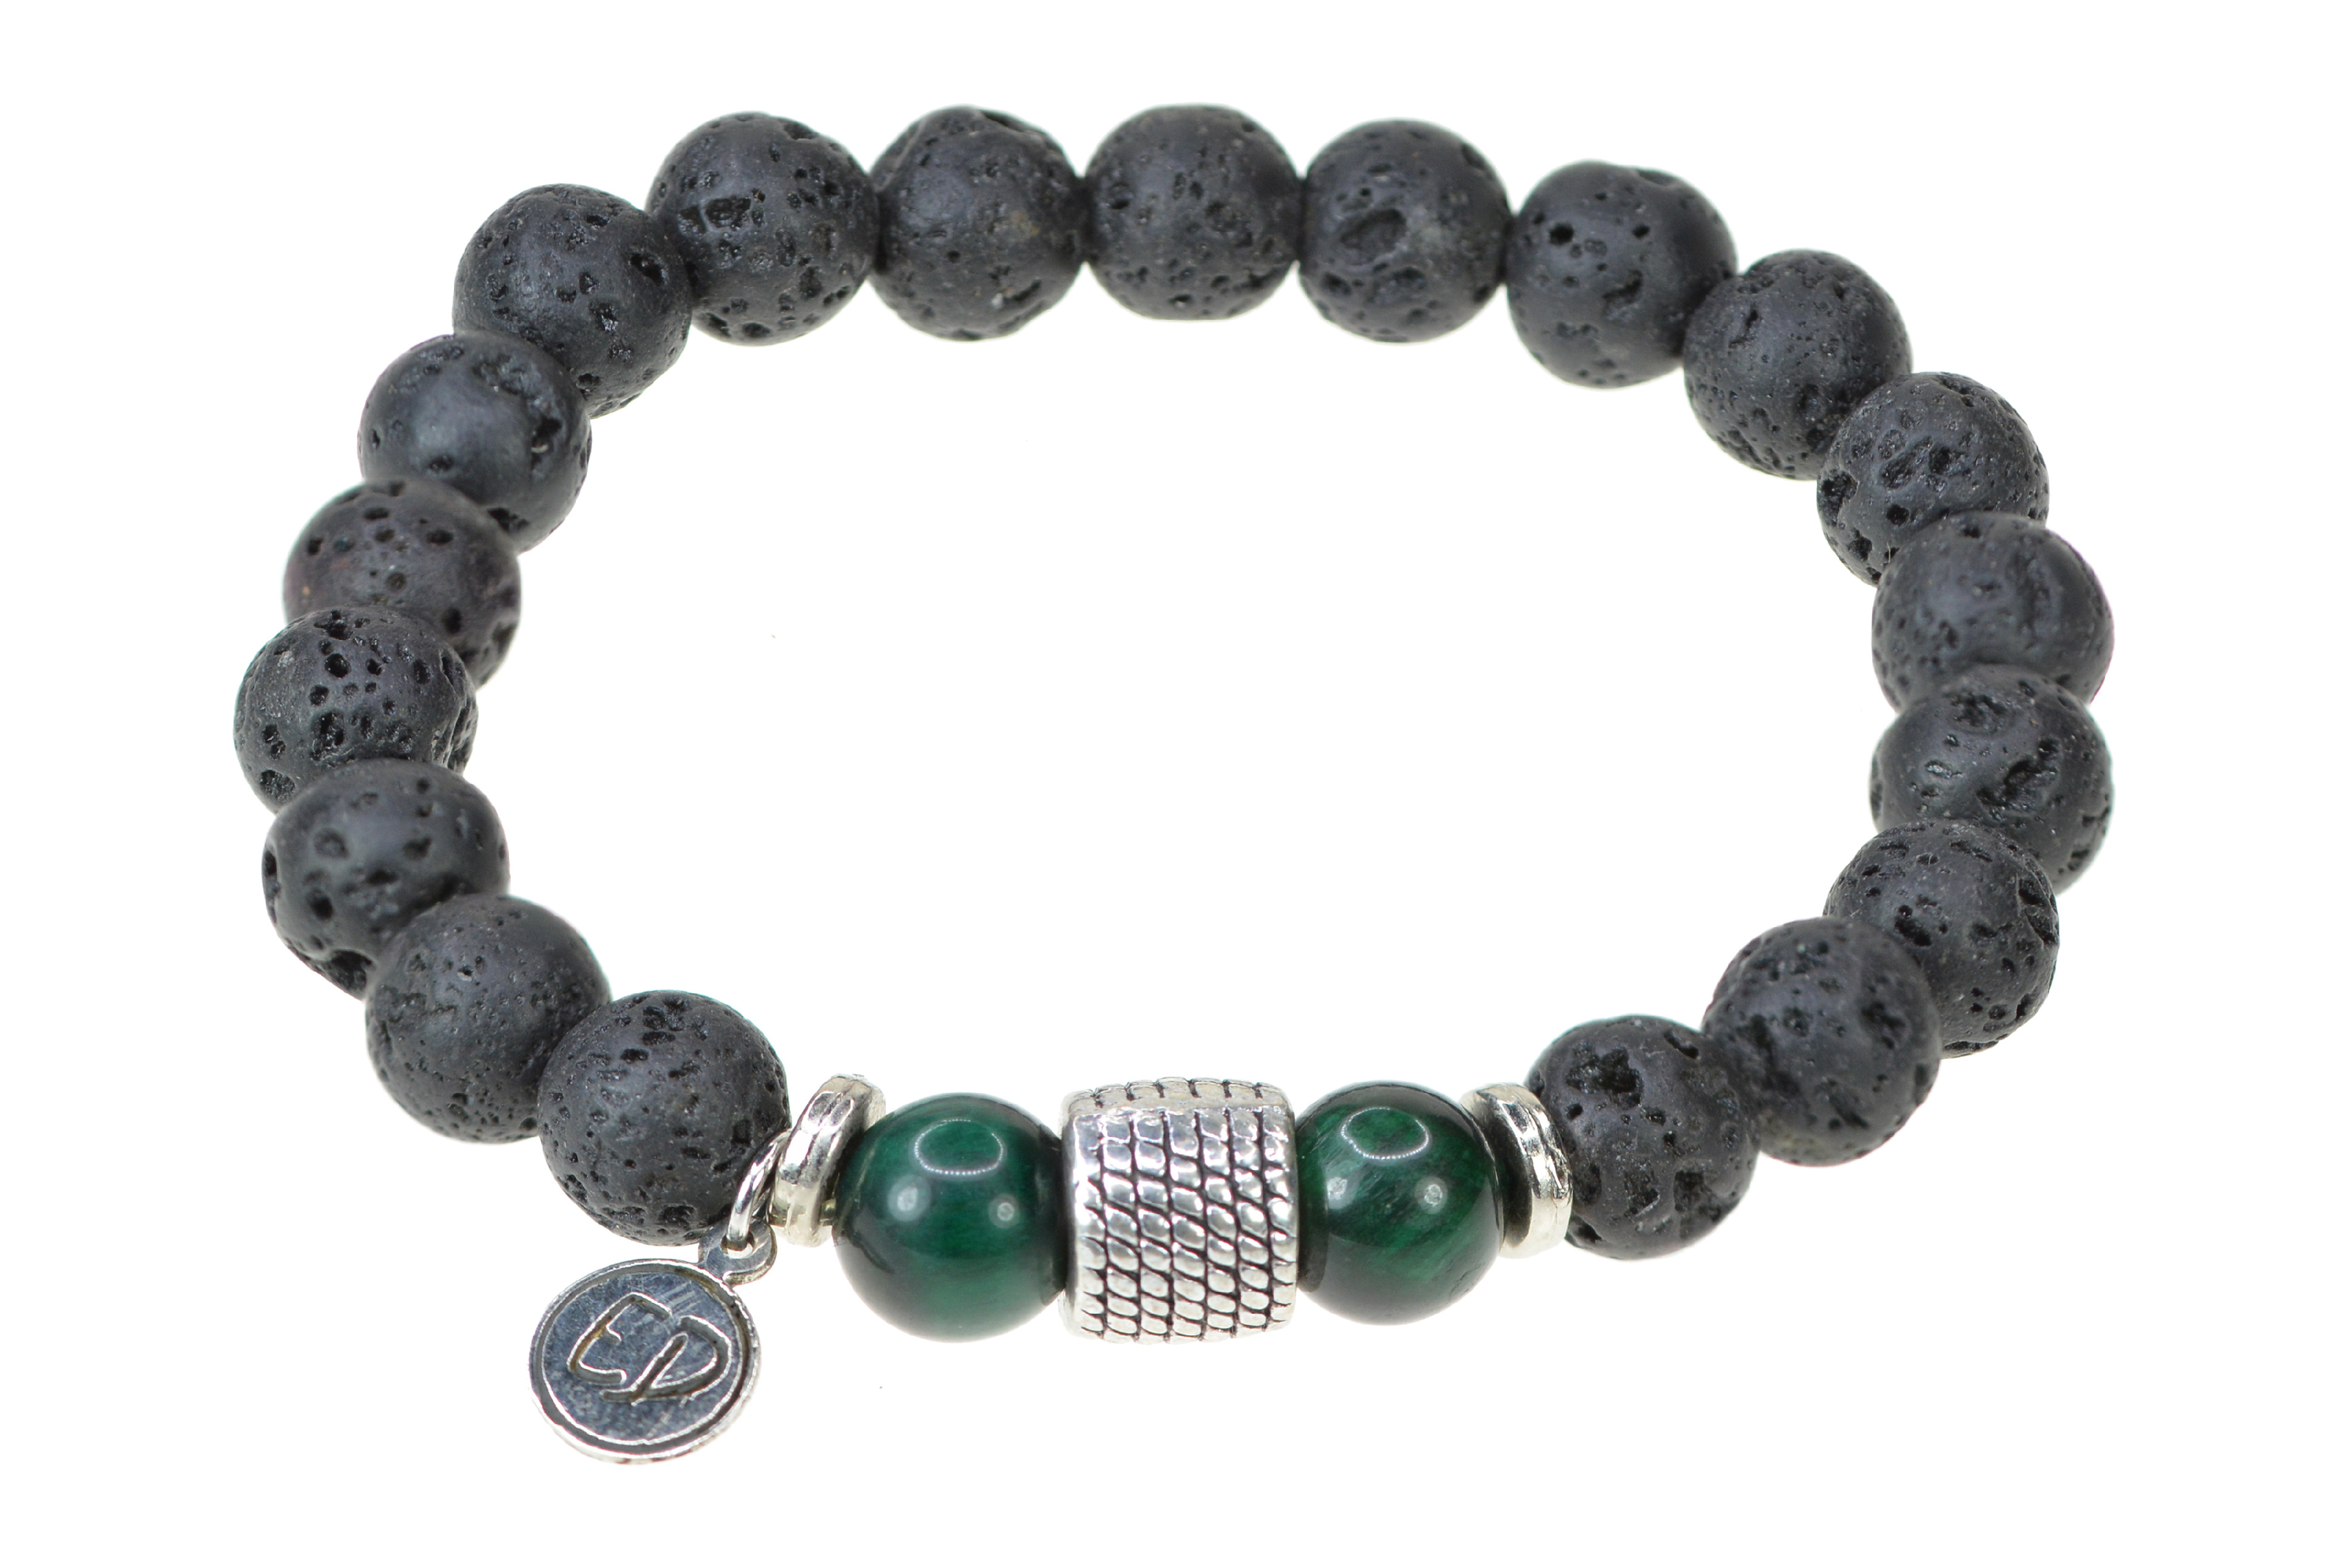 Pánsky náramok z lávového kameňa a korálok zelený achát